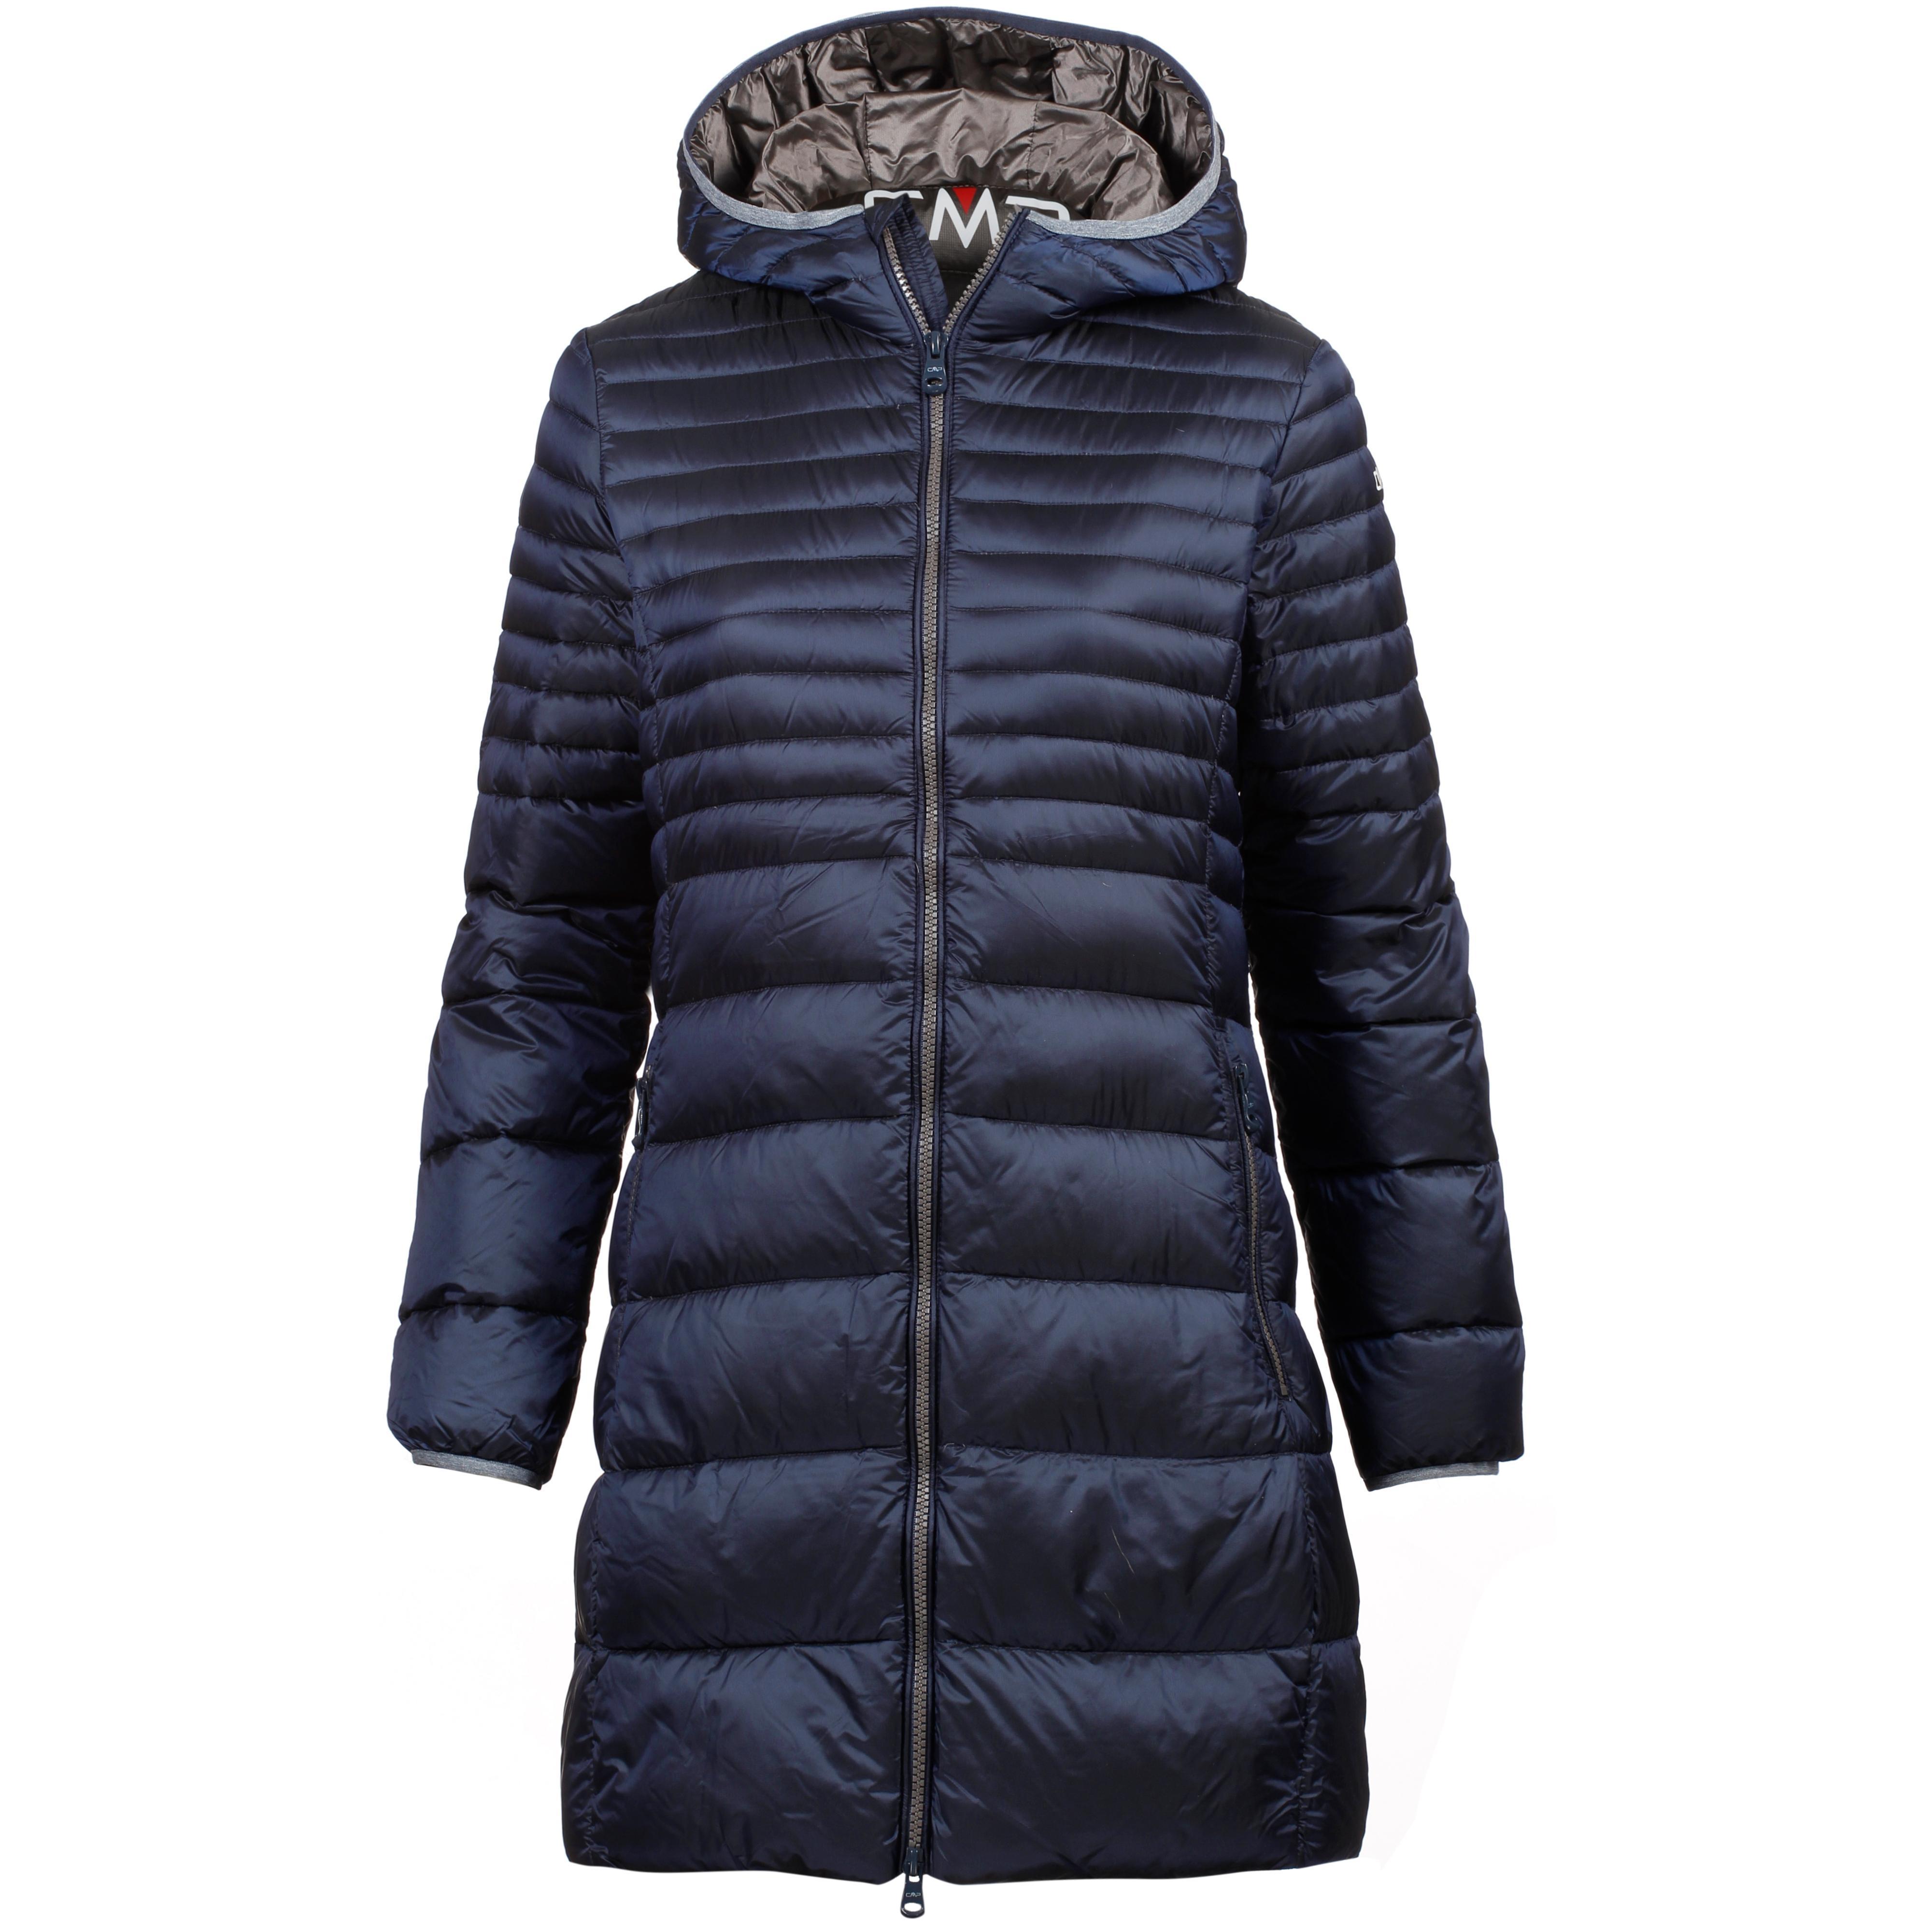 Damen Daunenmäntel online günstig kaufen über shop24.at | shop24